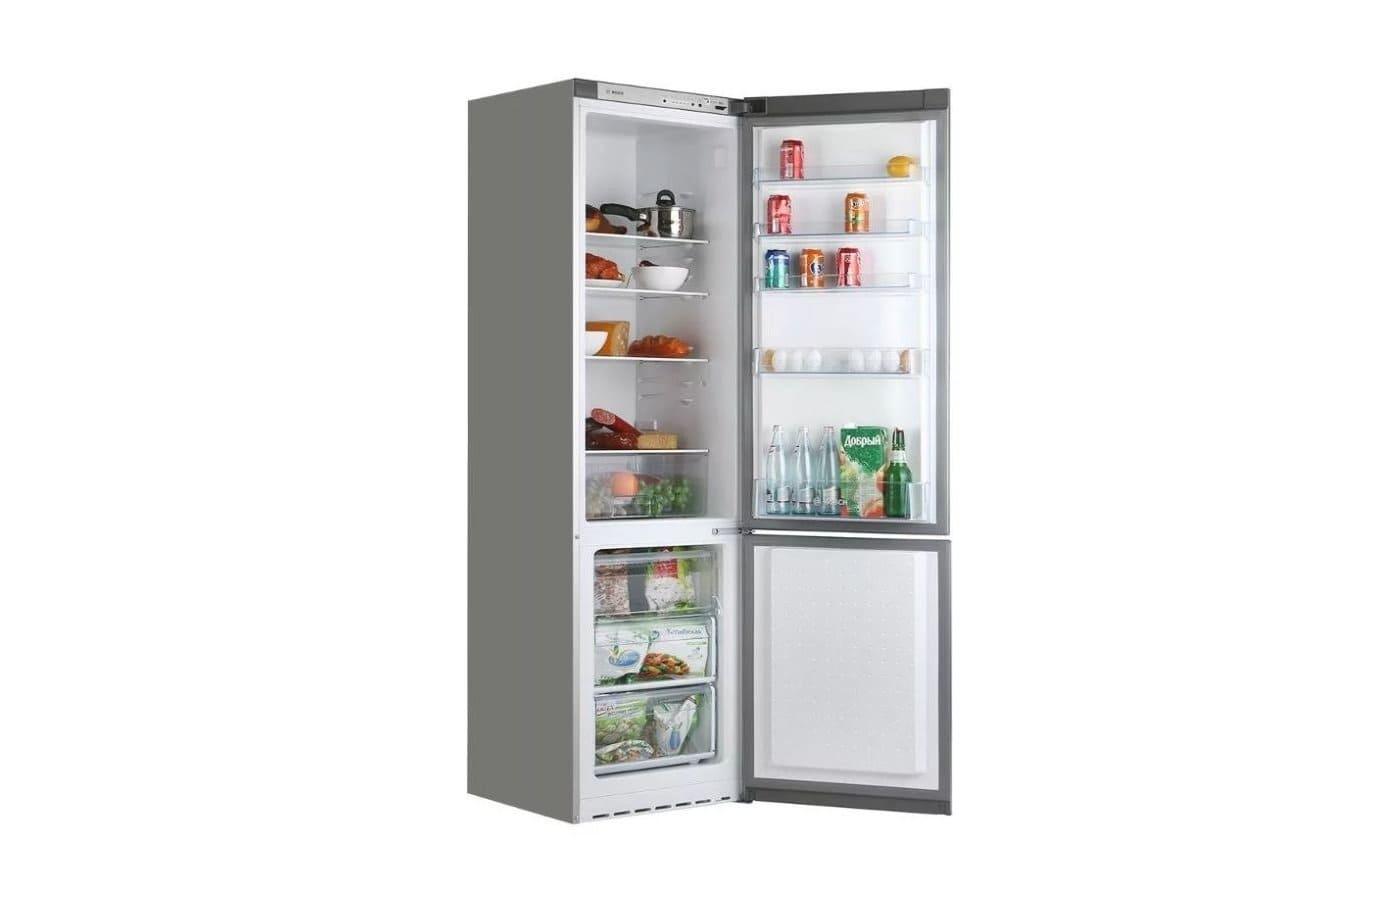 холодильник KGV39NL1AR